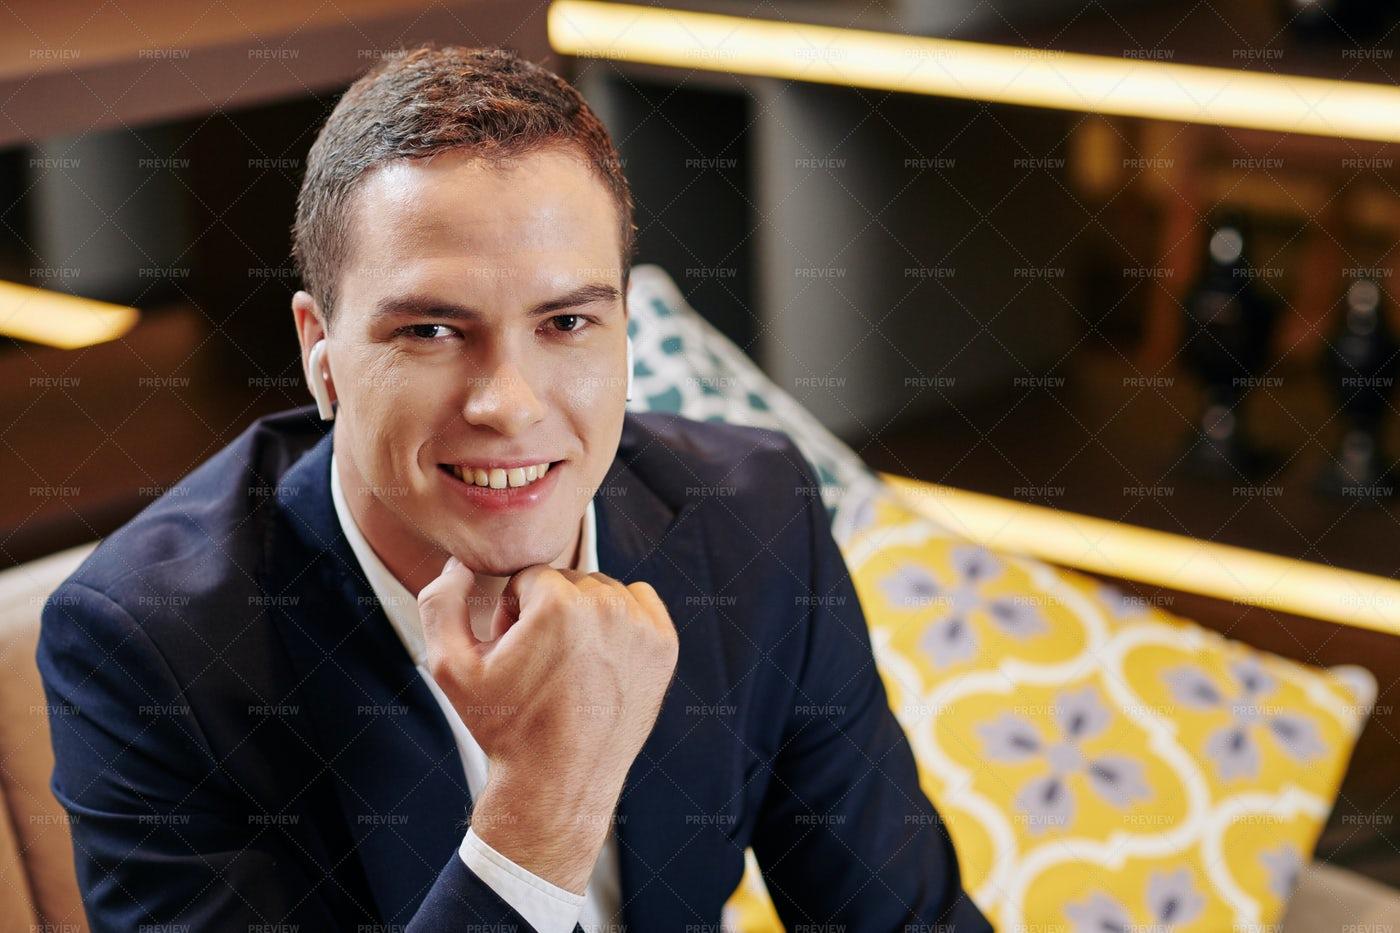 Young Smiling Businessman: Stock Photos